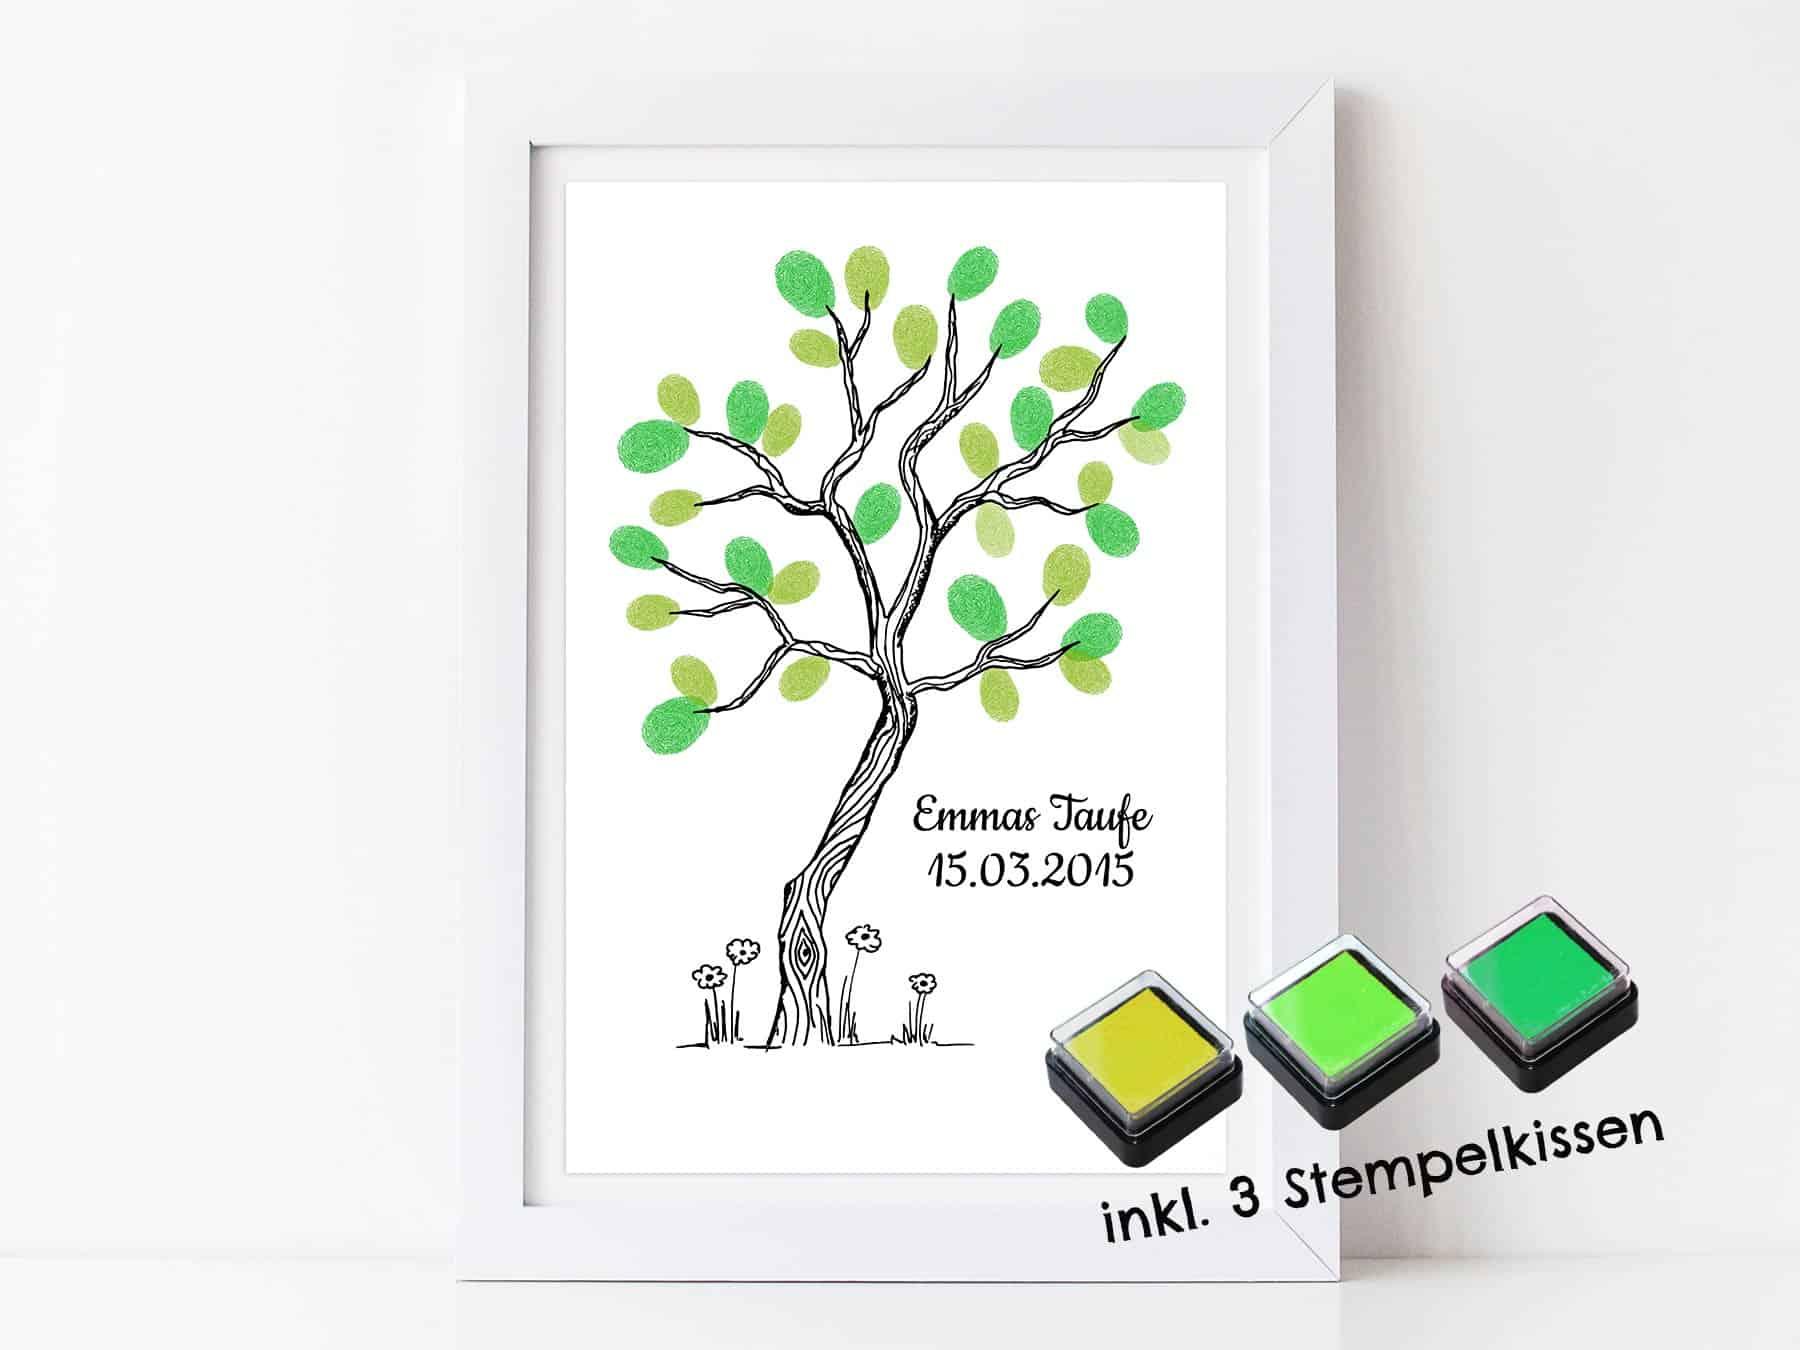 Fingerabdruck Gastebuch Baum Fur Deine Taufe Und Kommunion